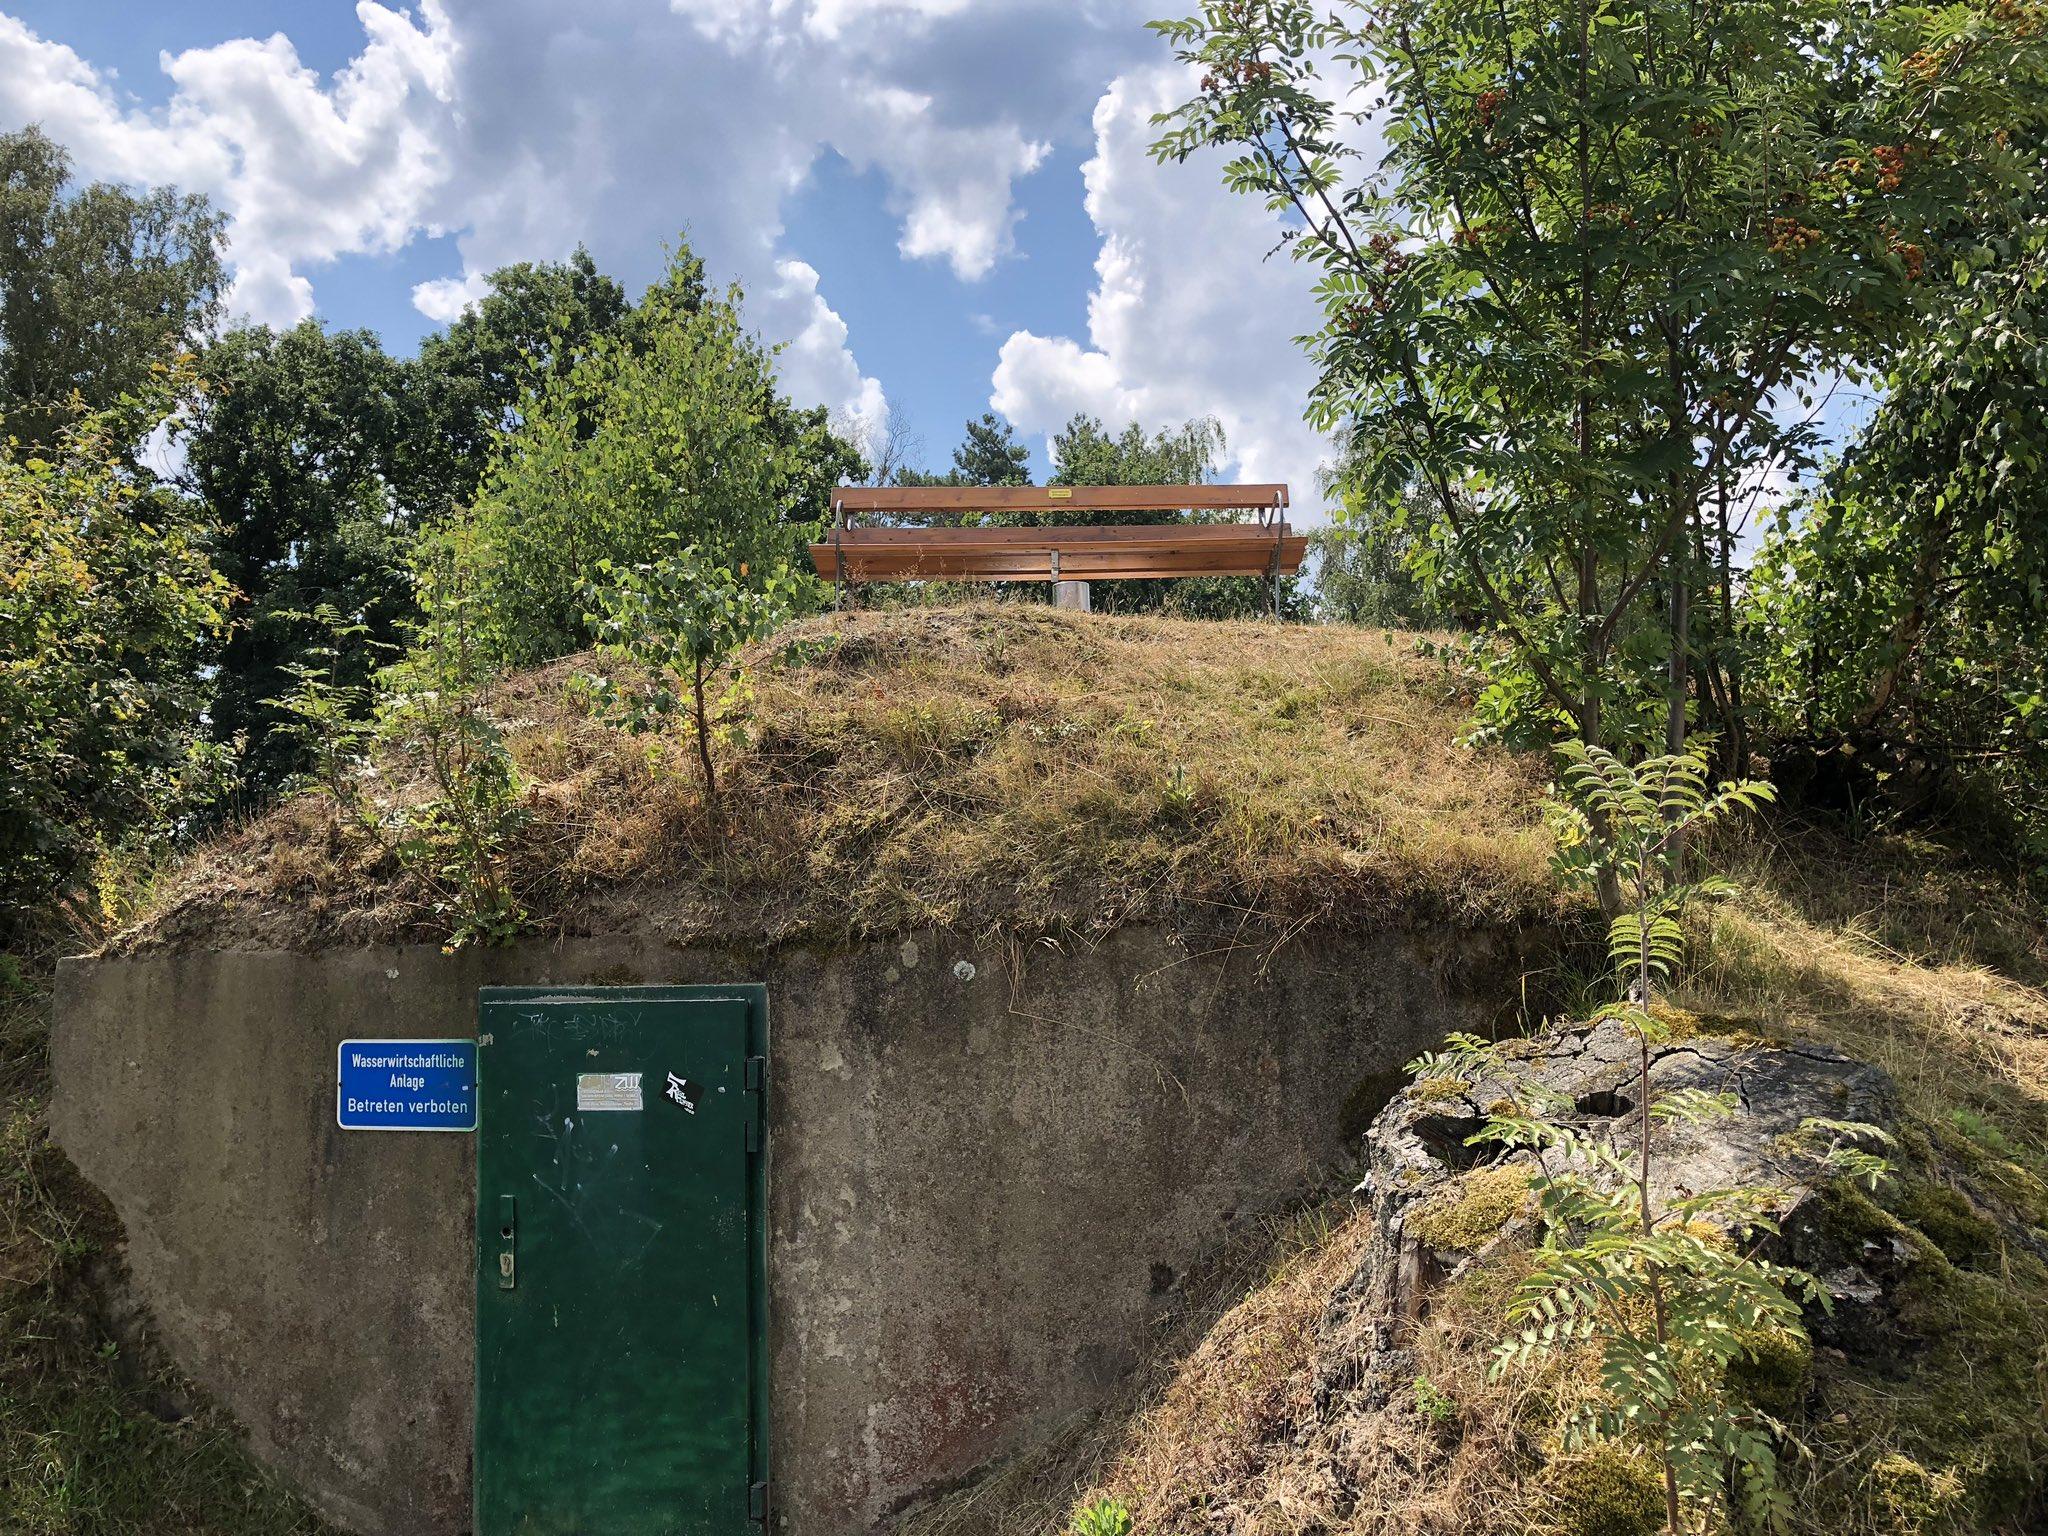 rt-gerritjhkuiper-een-wandelbankjes-op-hoogte-met-goed-uitzicht-aan-malerweg-koningstein-elbeweg-https-t-co-onkohcmajp